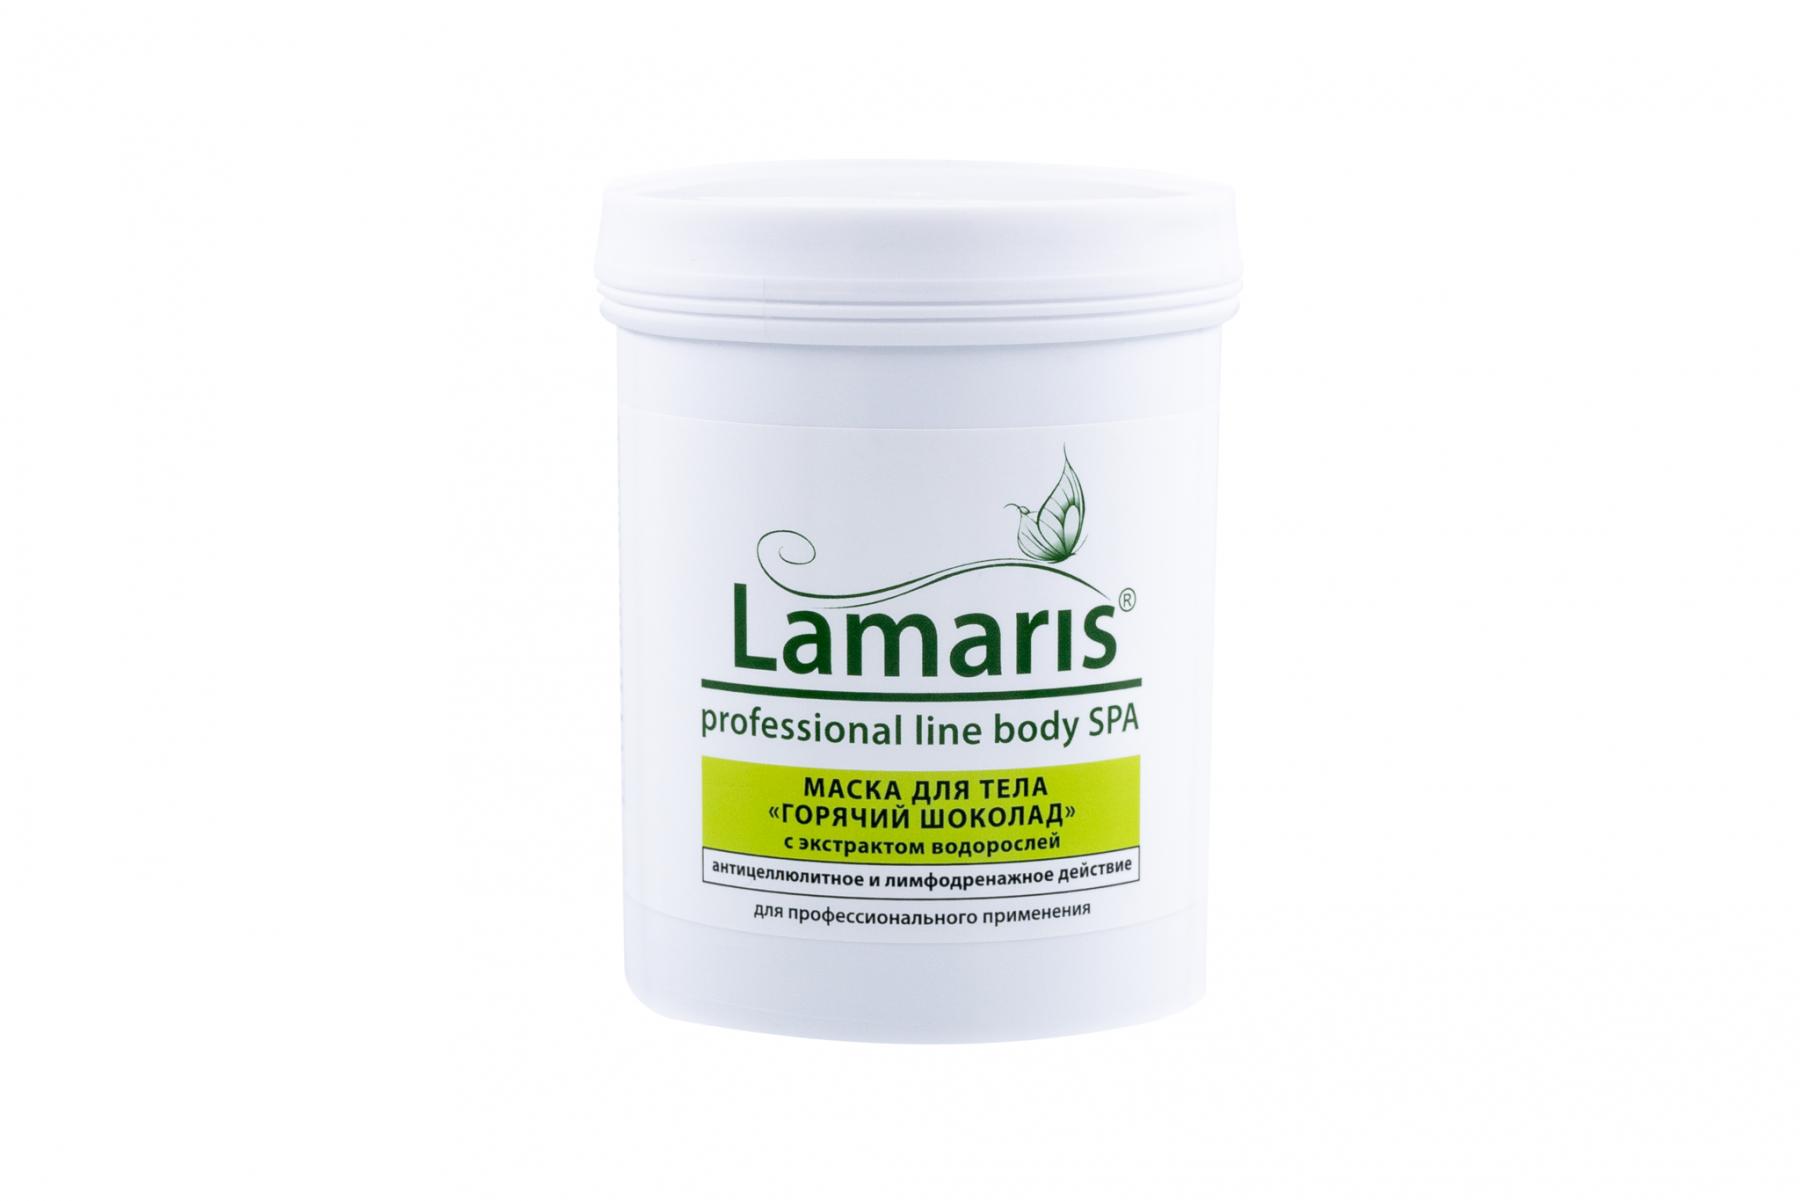 Маска для тела горячий шоколад Lamaris с экстрактом водорослей антицеллюлитная (разогревающая) - 550 мл, 1л